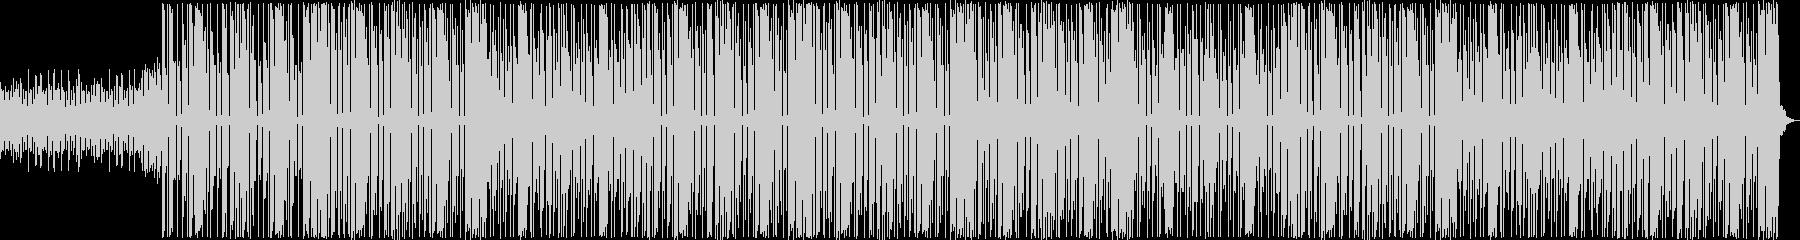 レトロ 神経質 シンセサイザー 電...の未再生の波形